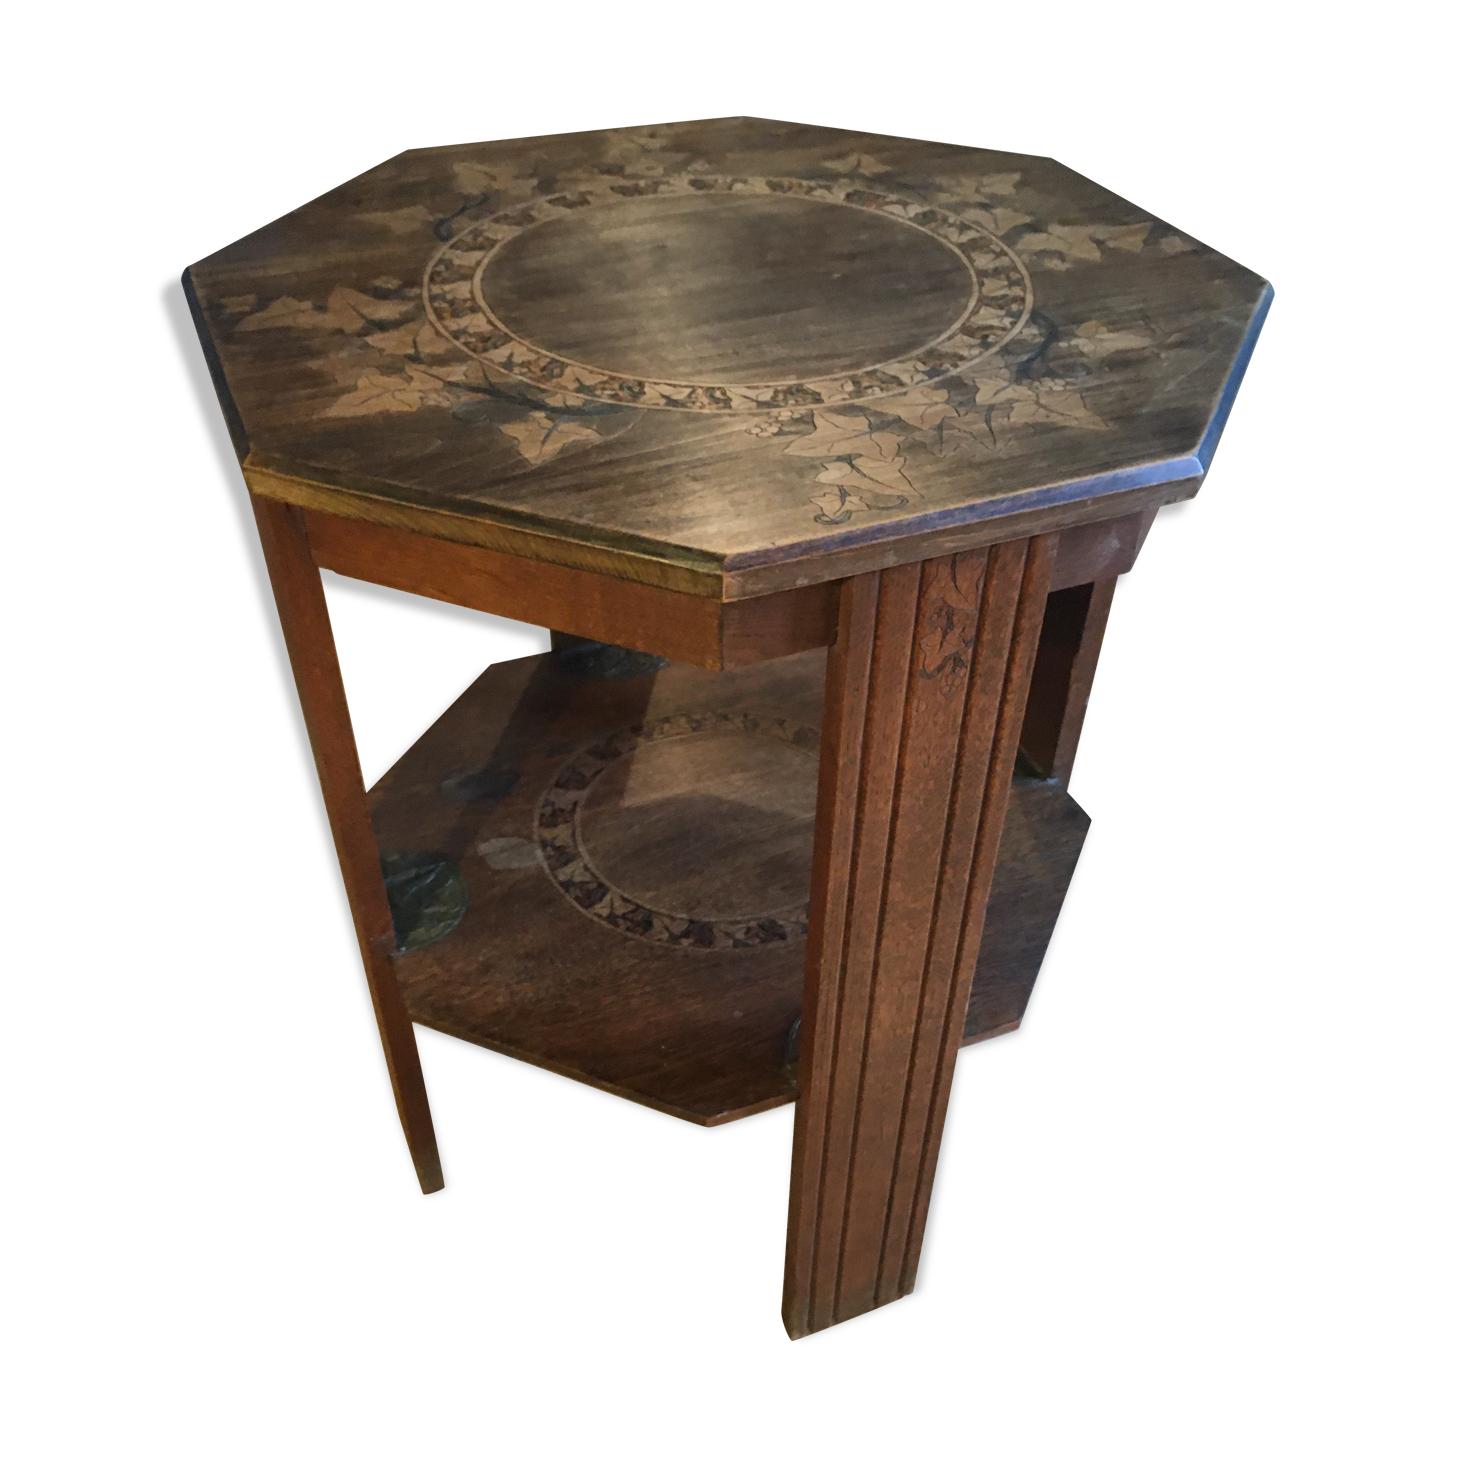 Table octogonale guéridon art déco